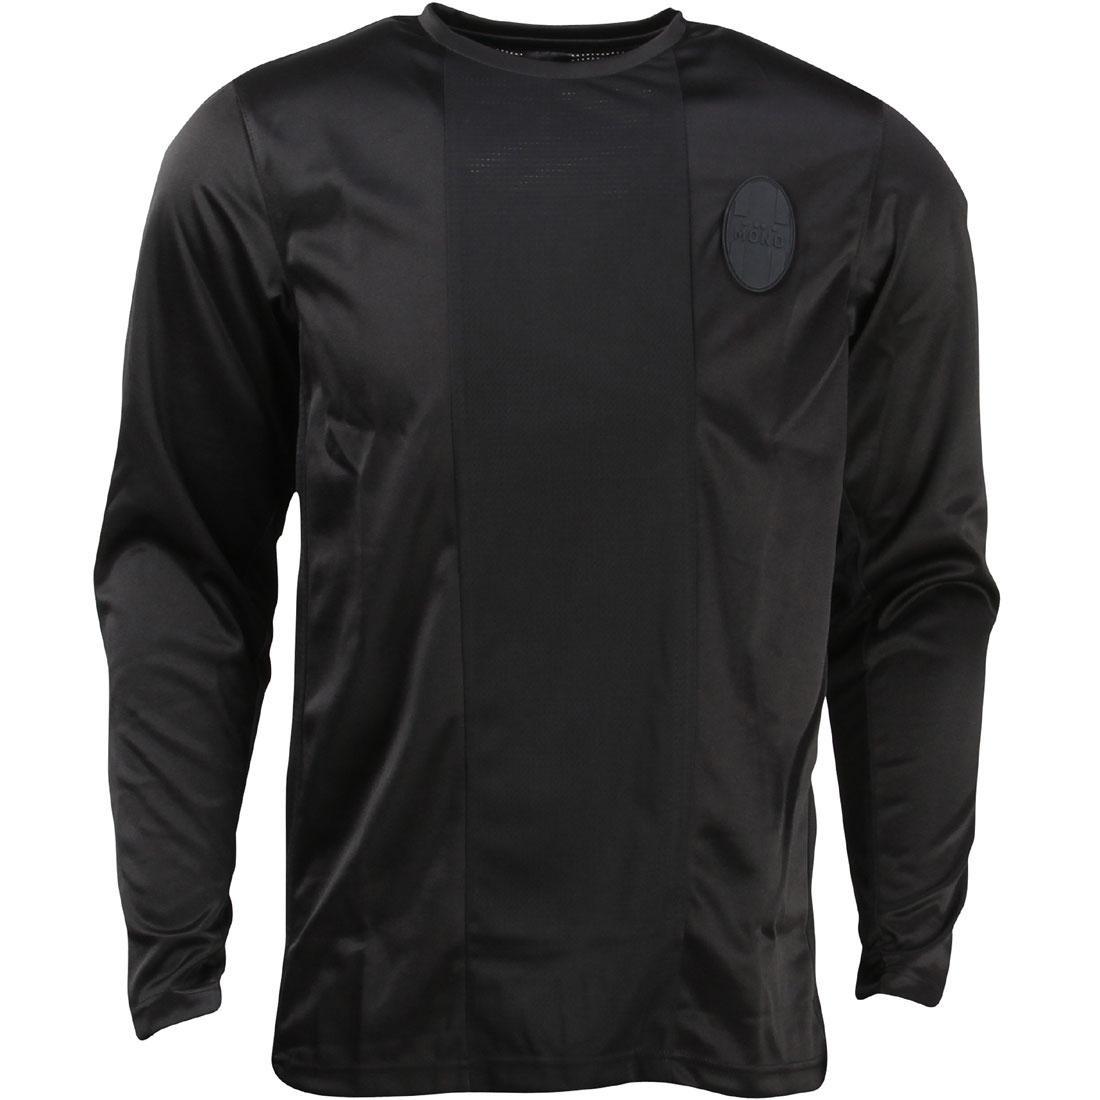 パブリッシュ Tシャツ メンズファッション トップス カットソー メンズ 【 Publish Men Sheida Long Tee (black) 】 Black